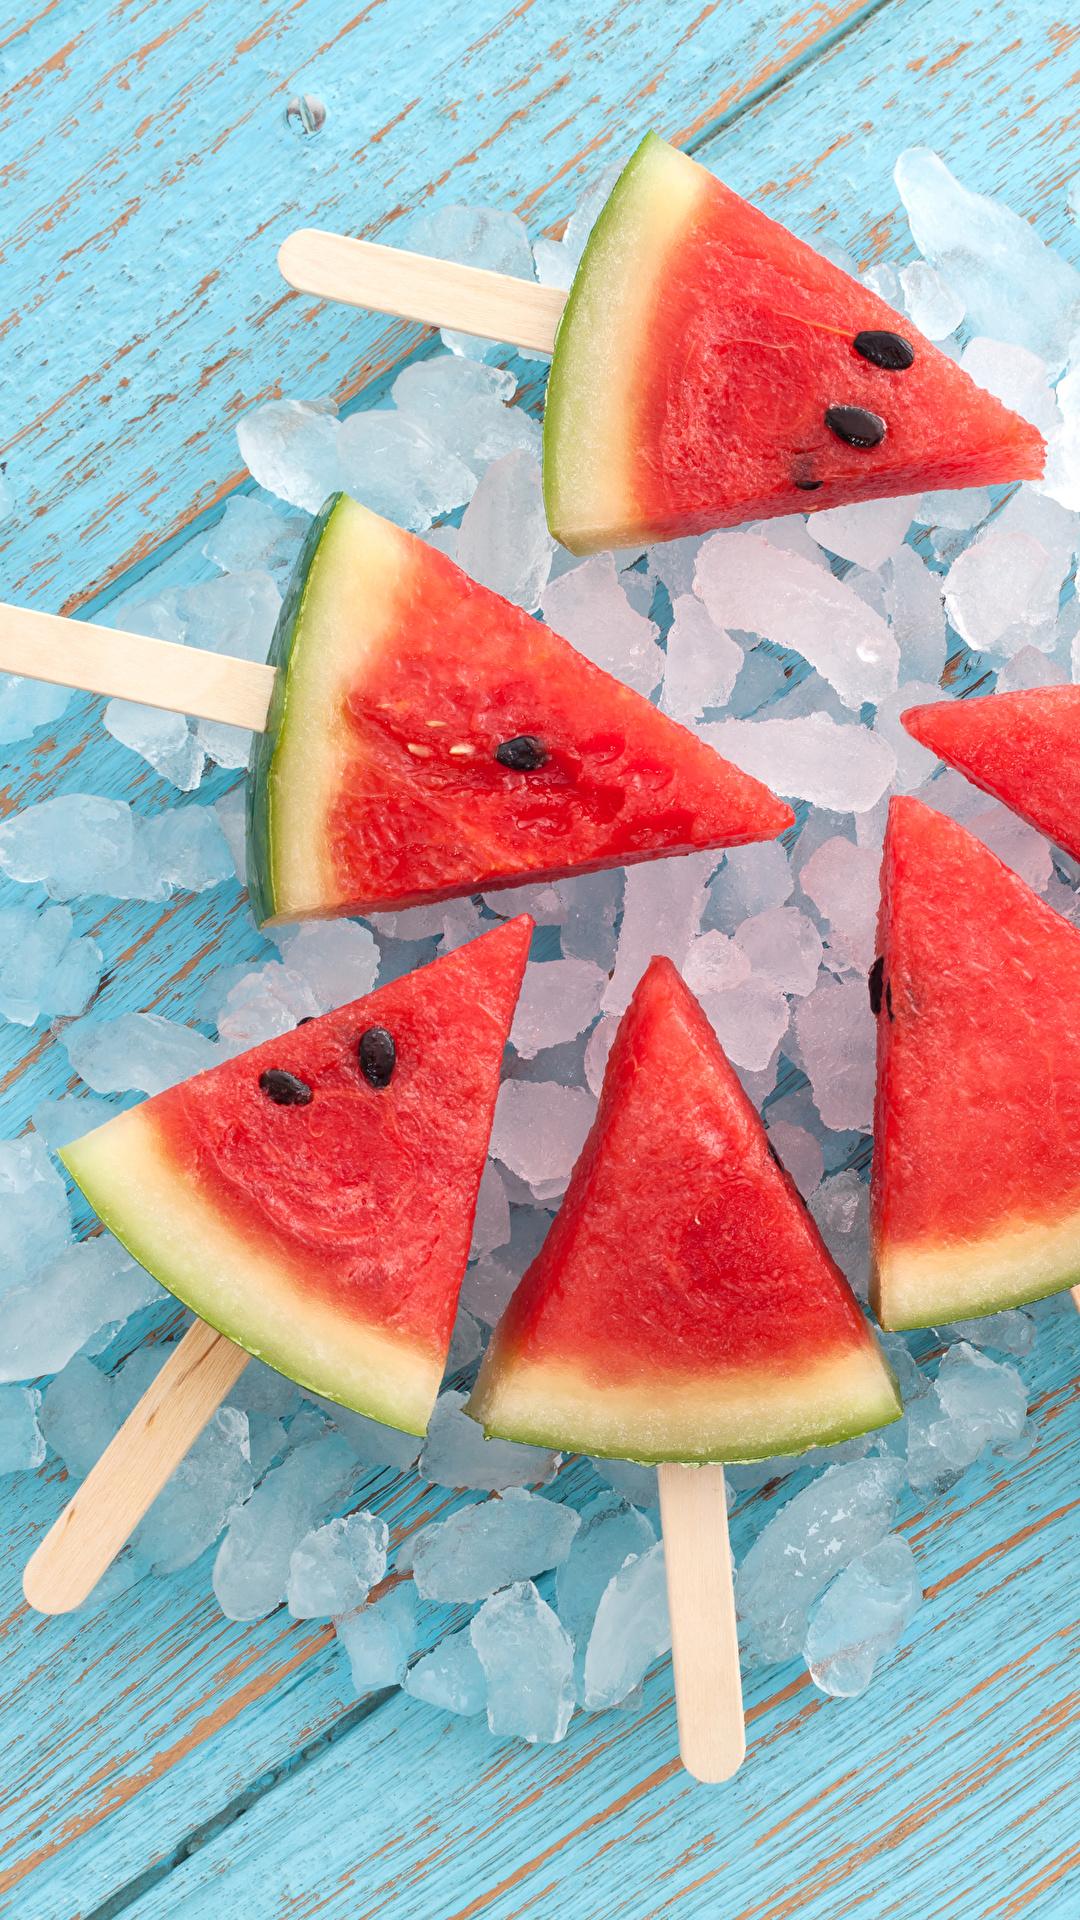 Обои для рабочего стола Лед Арбузы кусочки Пища 1080x1920 для мобильного телефона льда часть Кусок кусочек Еда Продукты питания